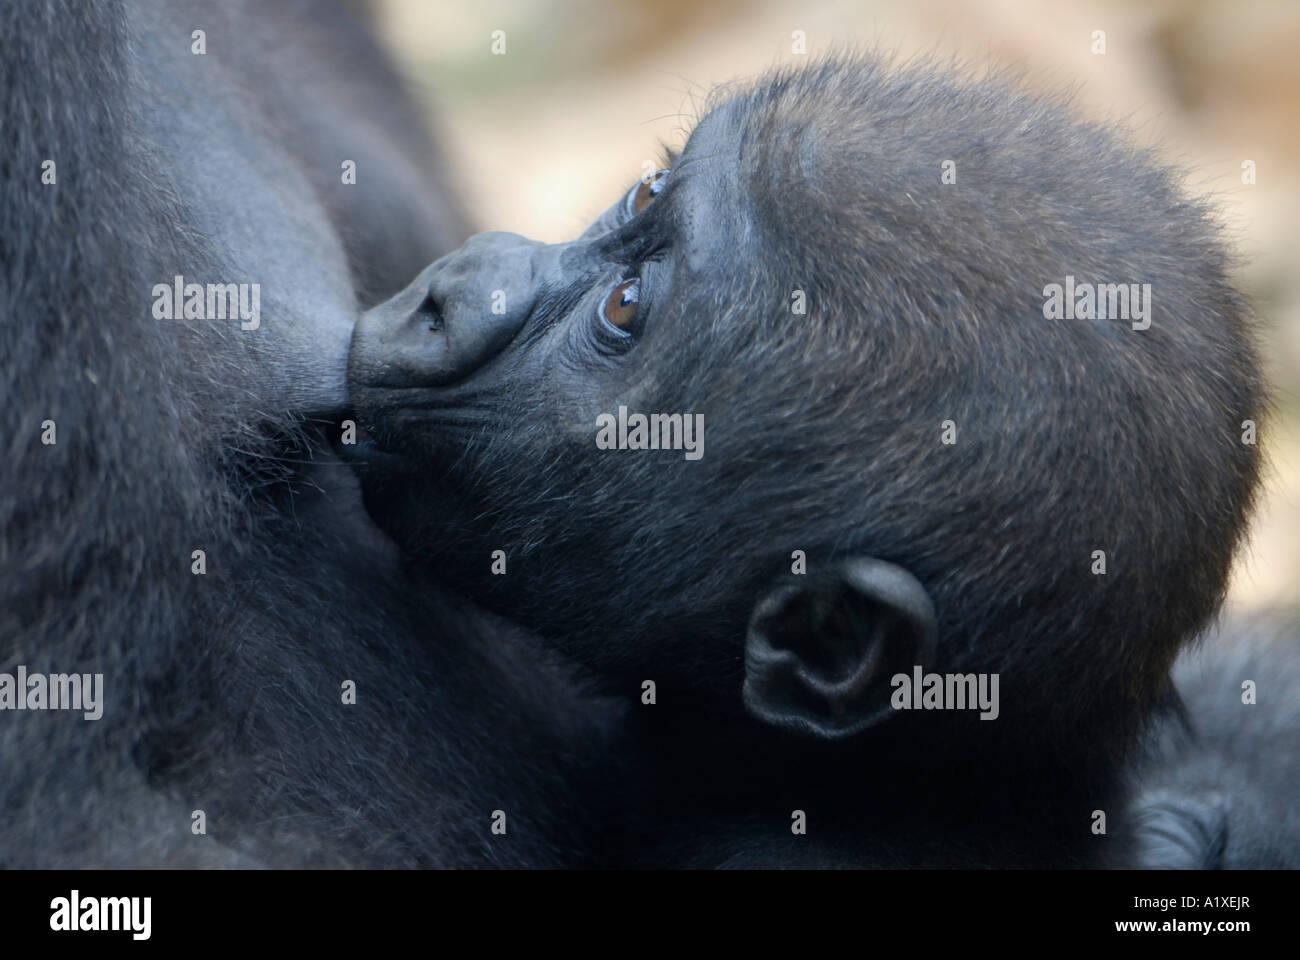 Baby gorilla nursing close up closeup - Stock Image